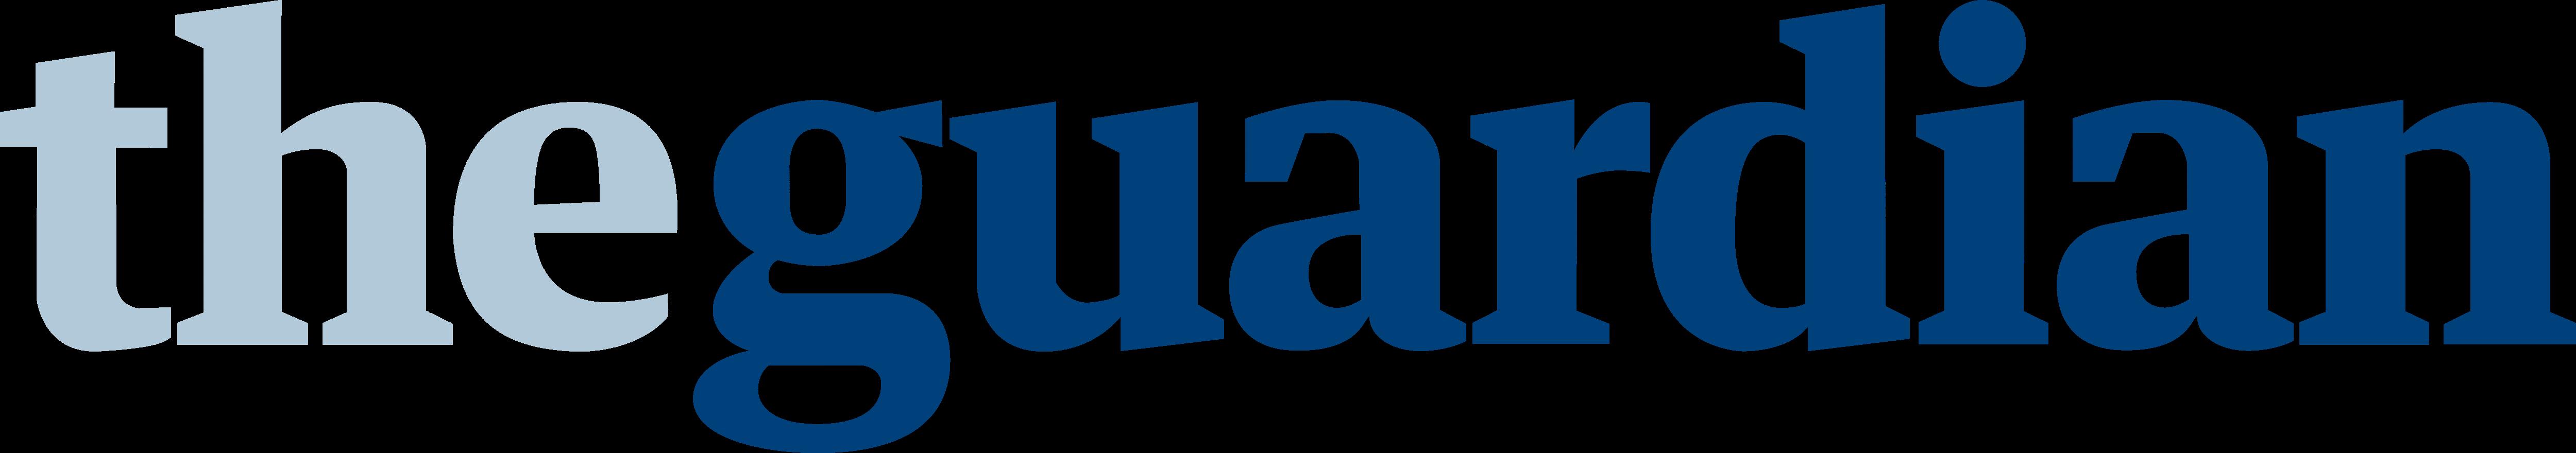 Image result for theguardian.com logo